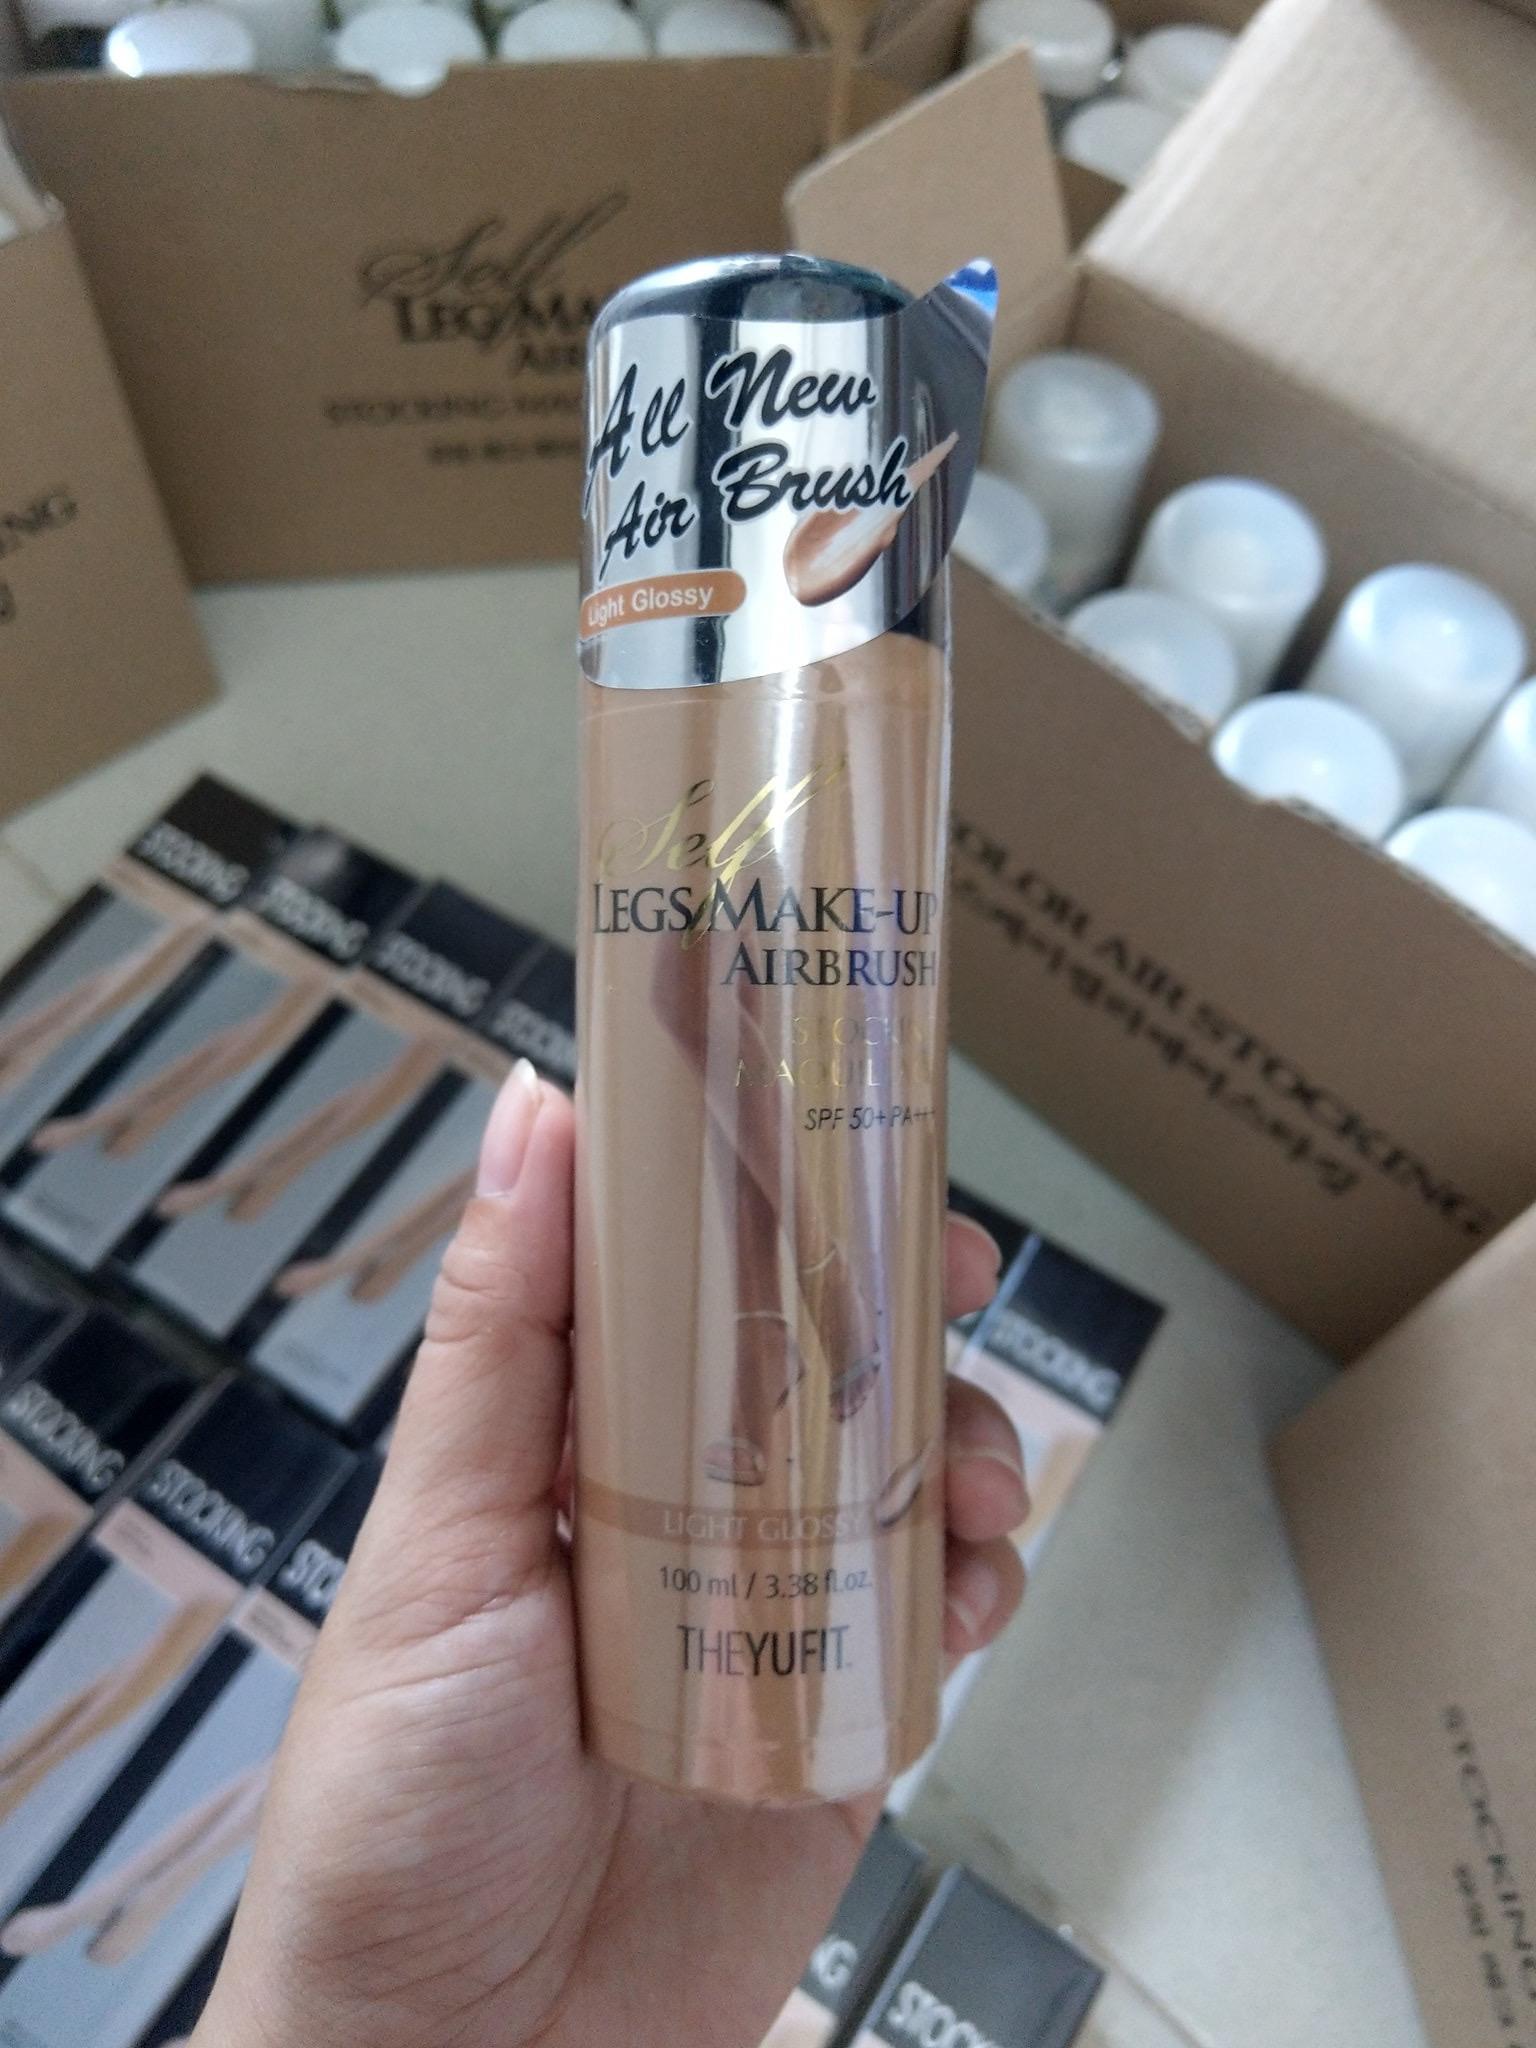 Tất phun Hàn Quốc - Make up chân thần thánh YUFIT LIGHT 100ml dành cho da trắng cao cấp